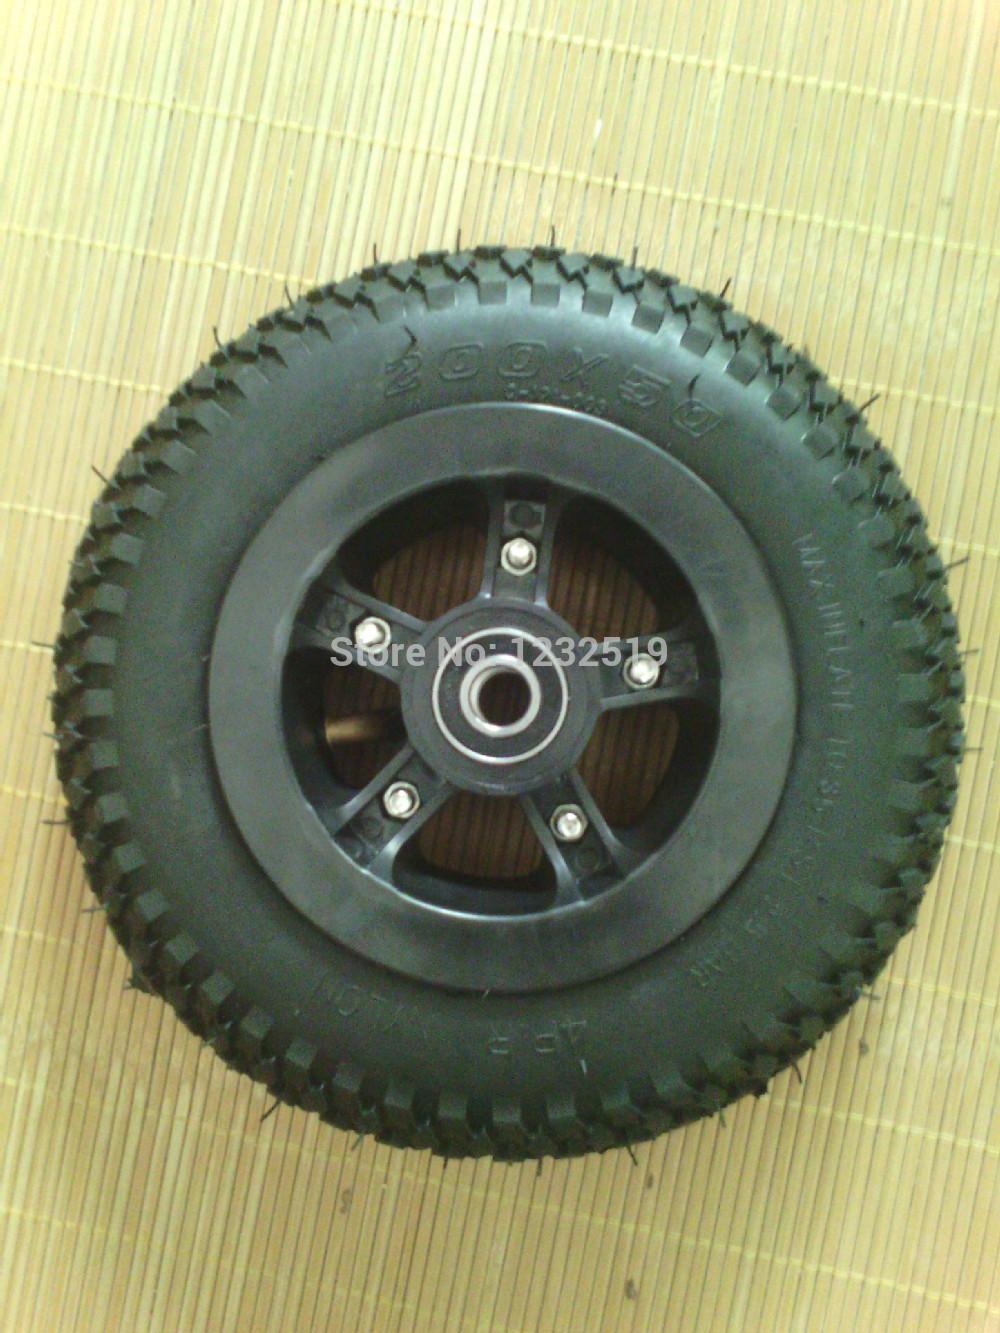 Free Shipping 1pcs 8 Inch Pneumatic Wheels Rubber Wheel